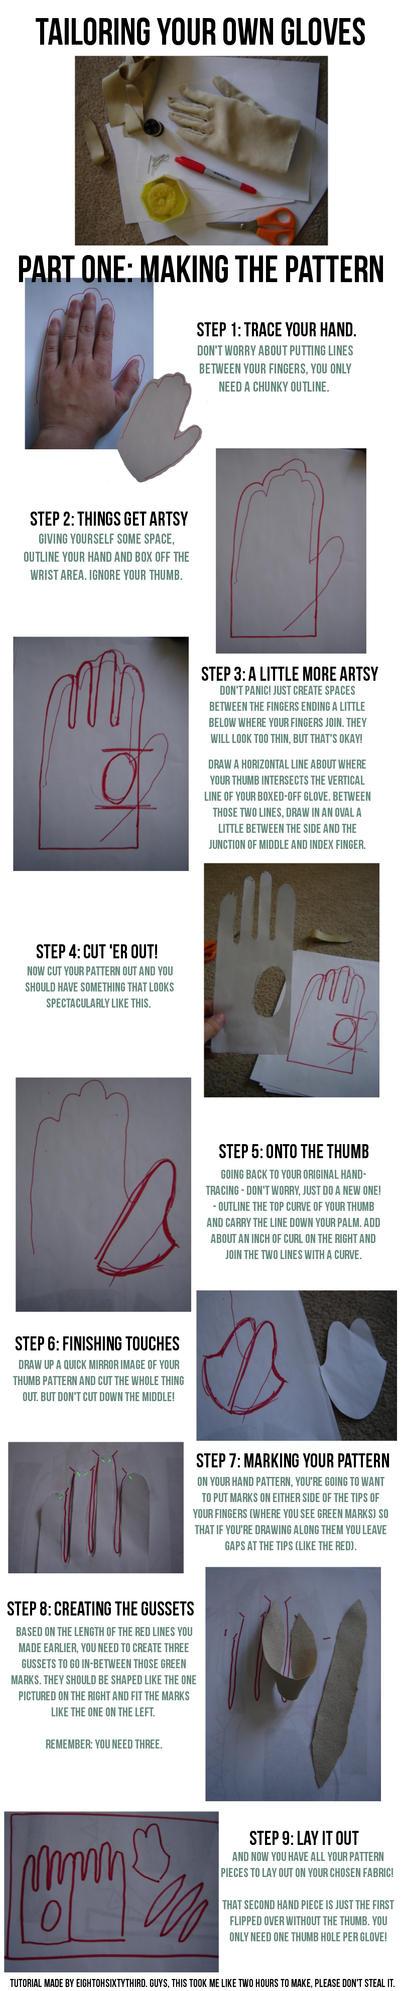 Gloves Tutorial: Part I, Making a Pattern by Eightohsixtythird